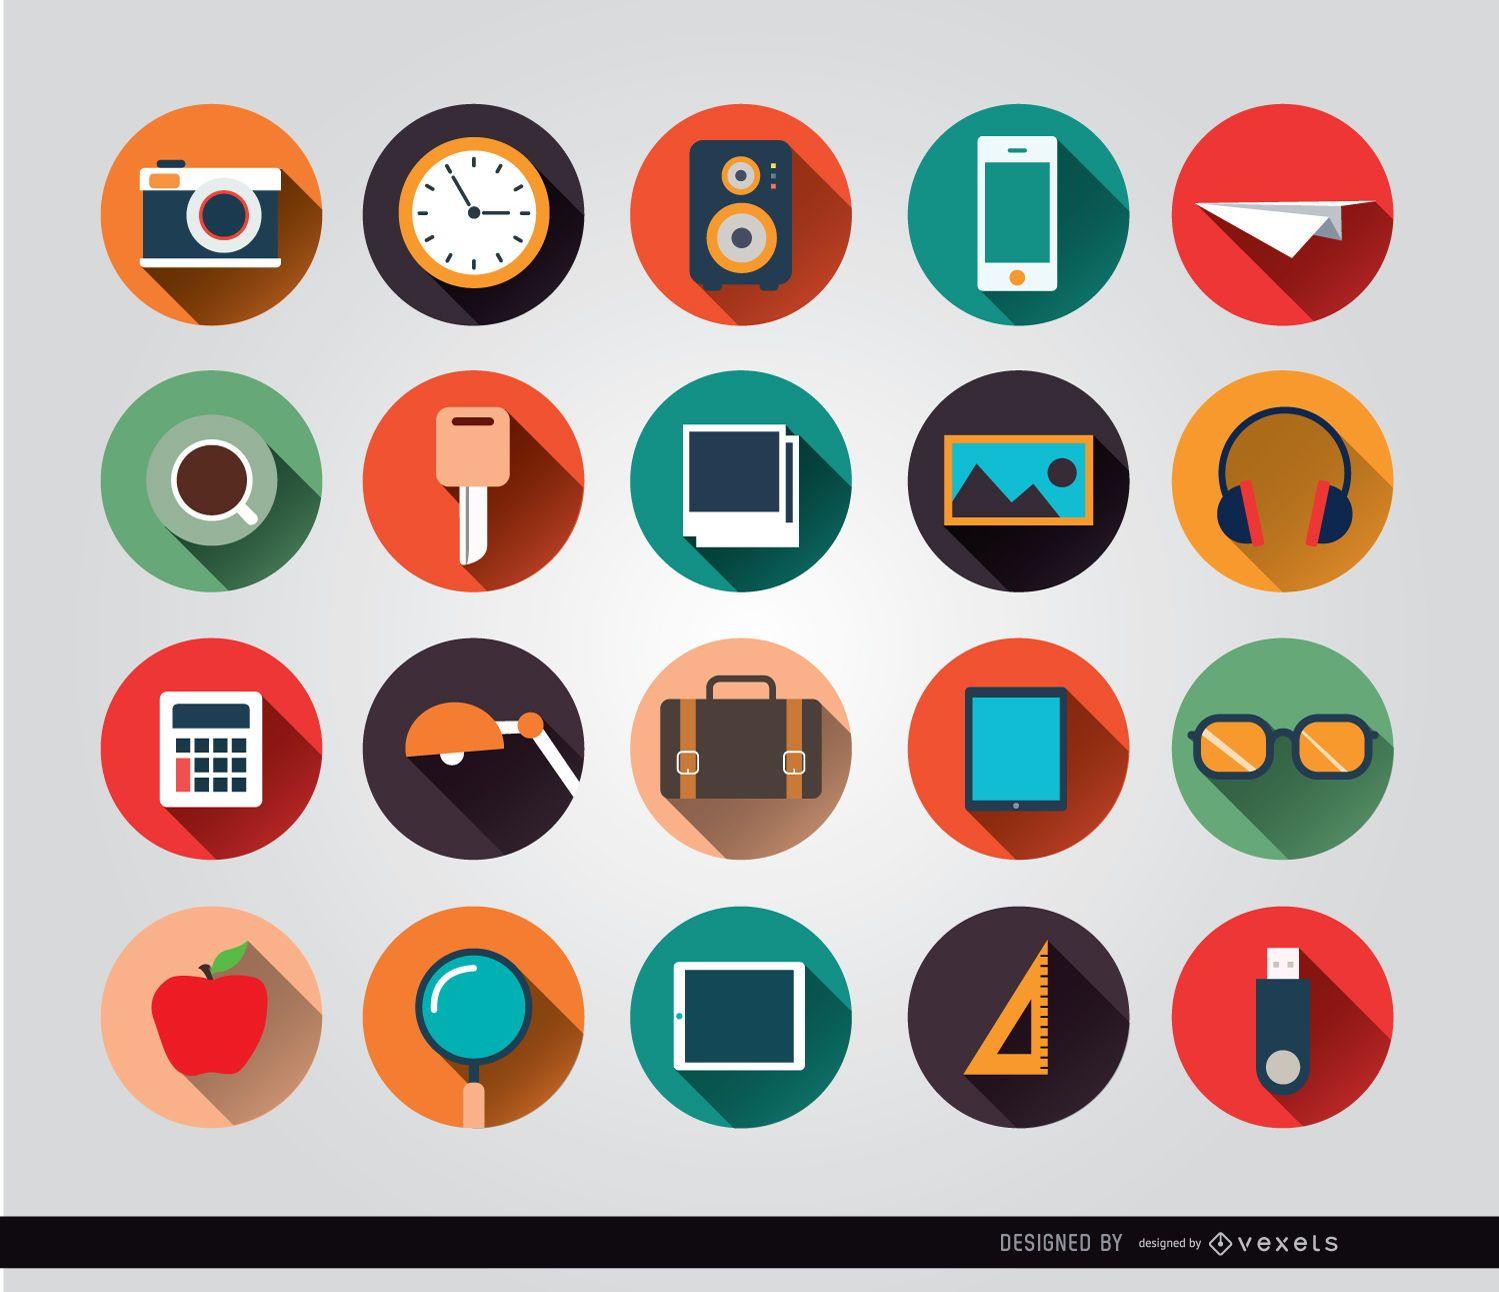 Iconos de círculo de objetos de escritorio